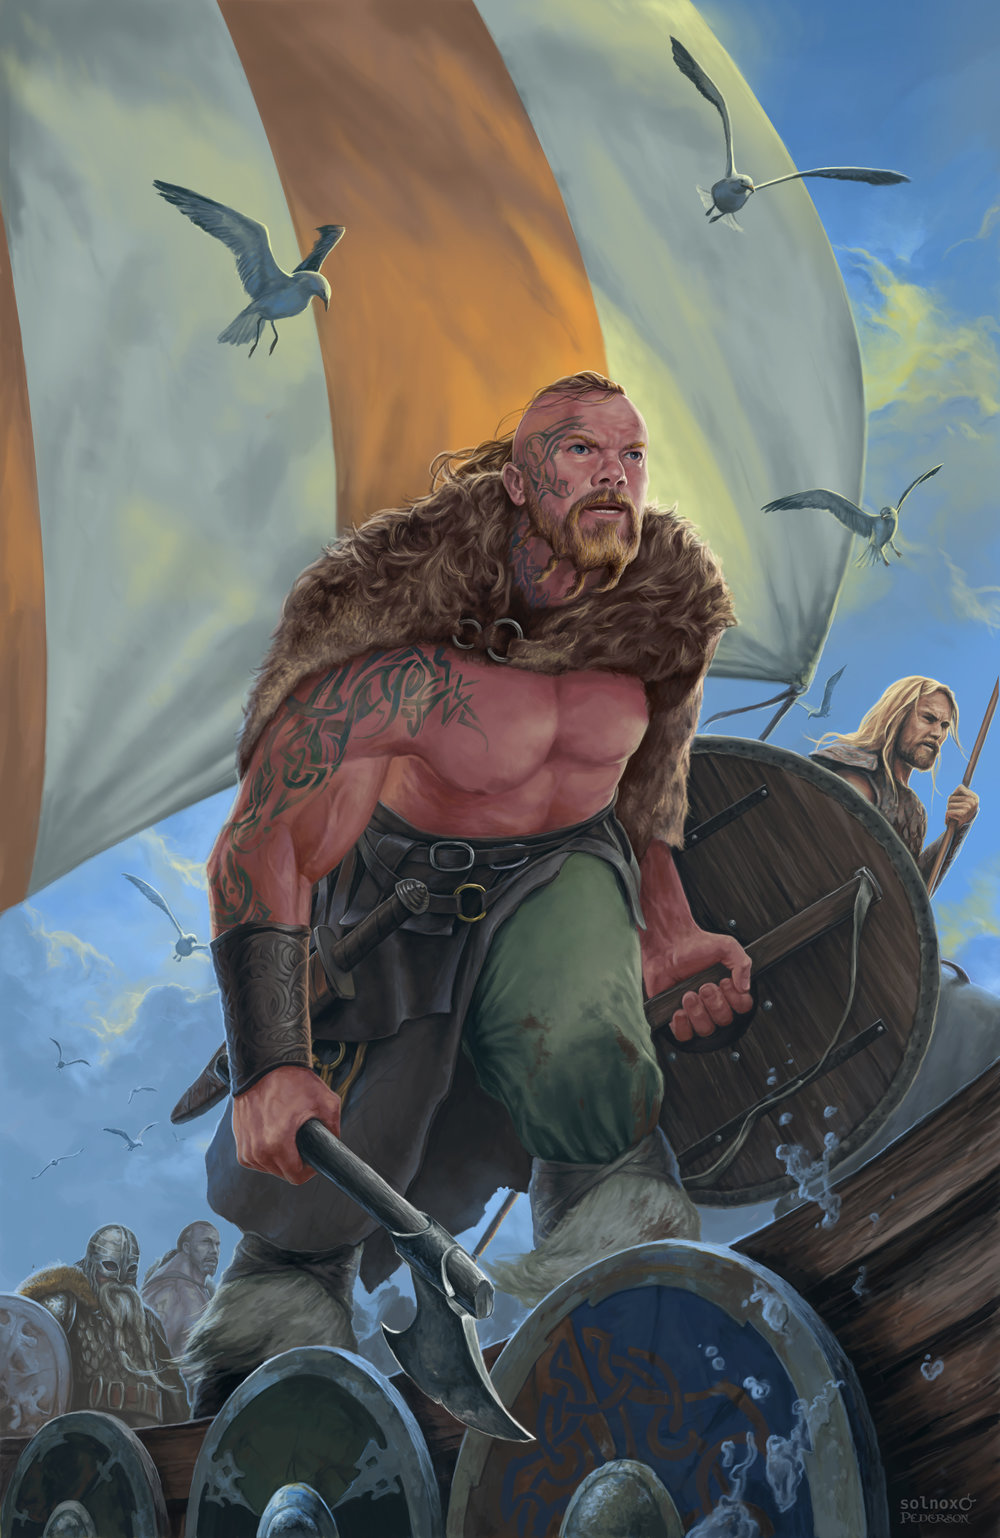 Jason the Viking